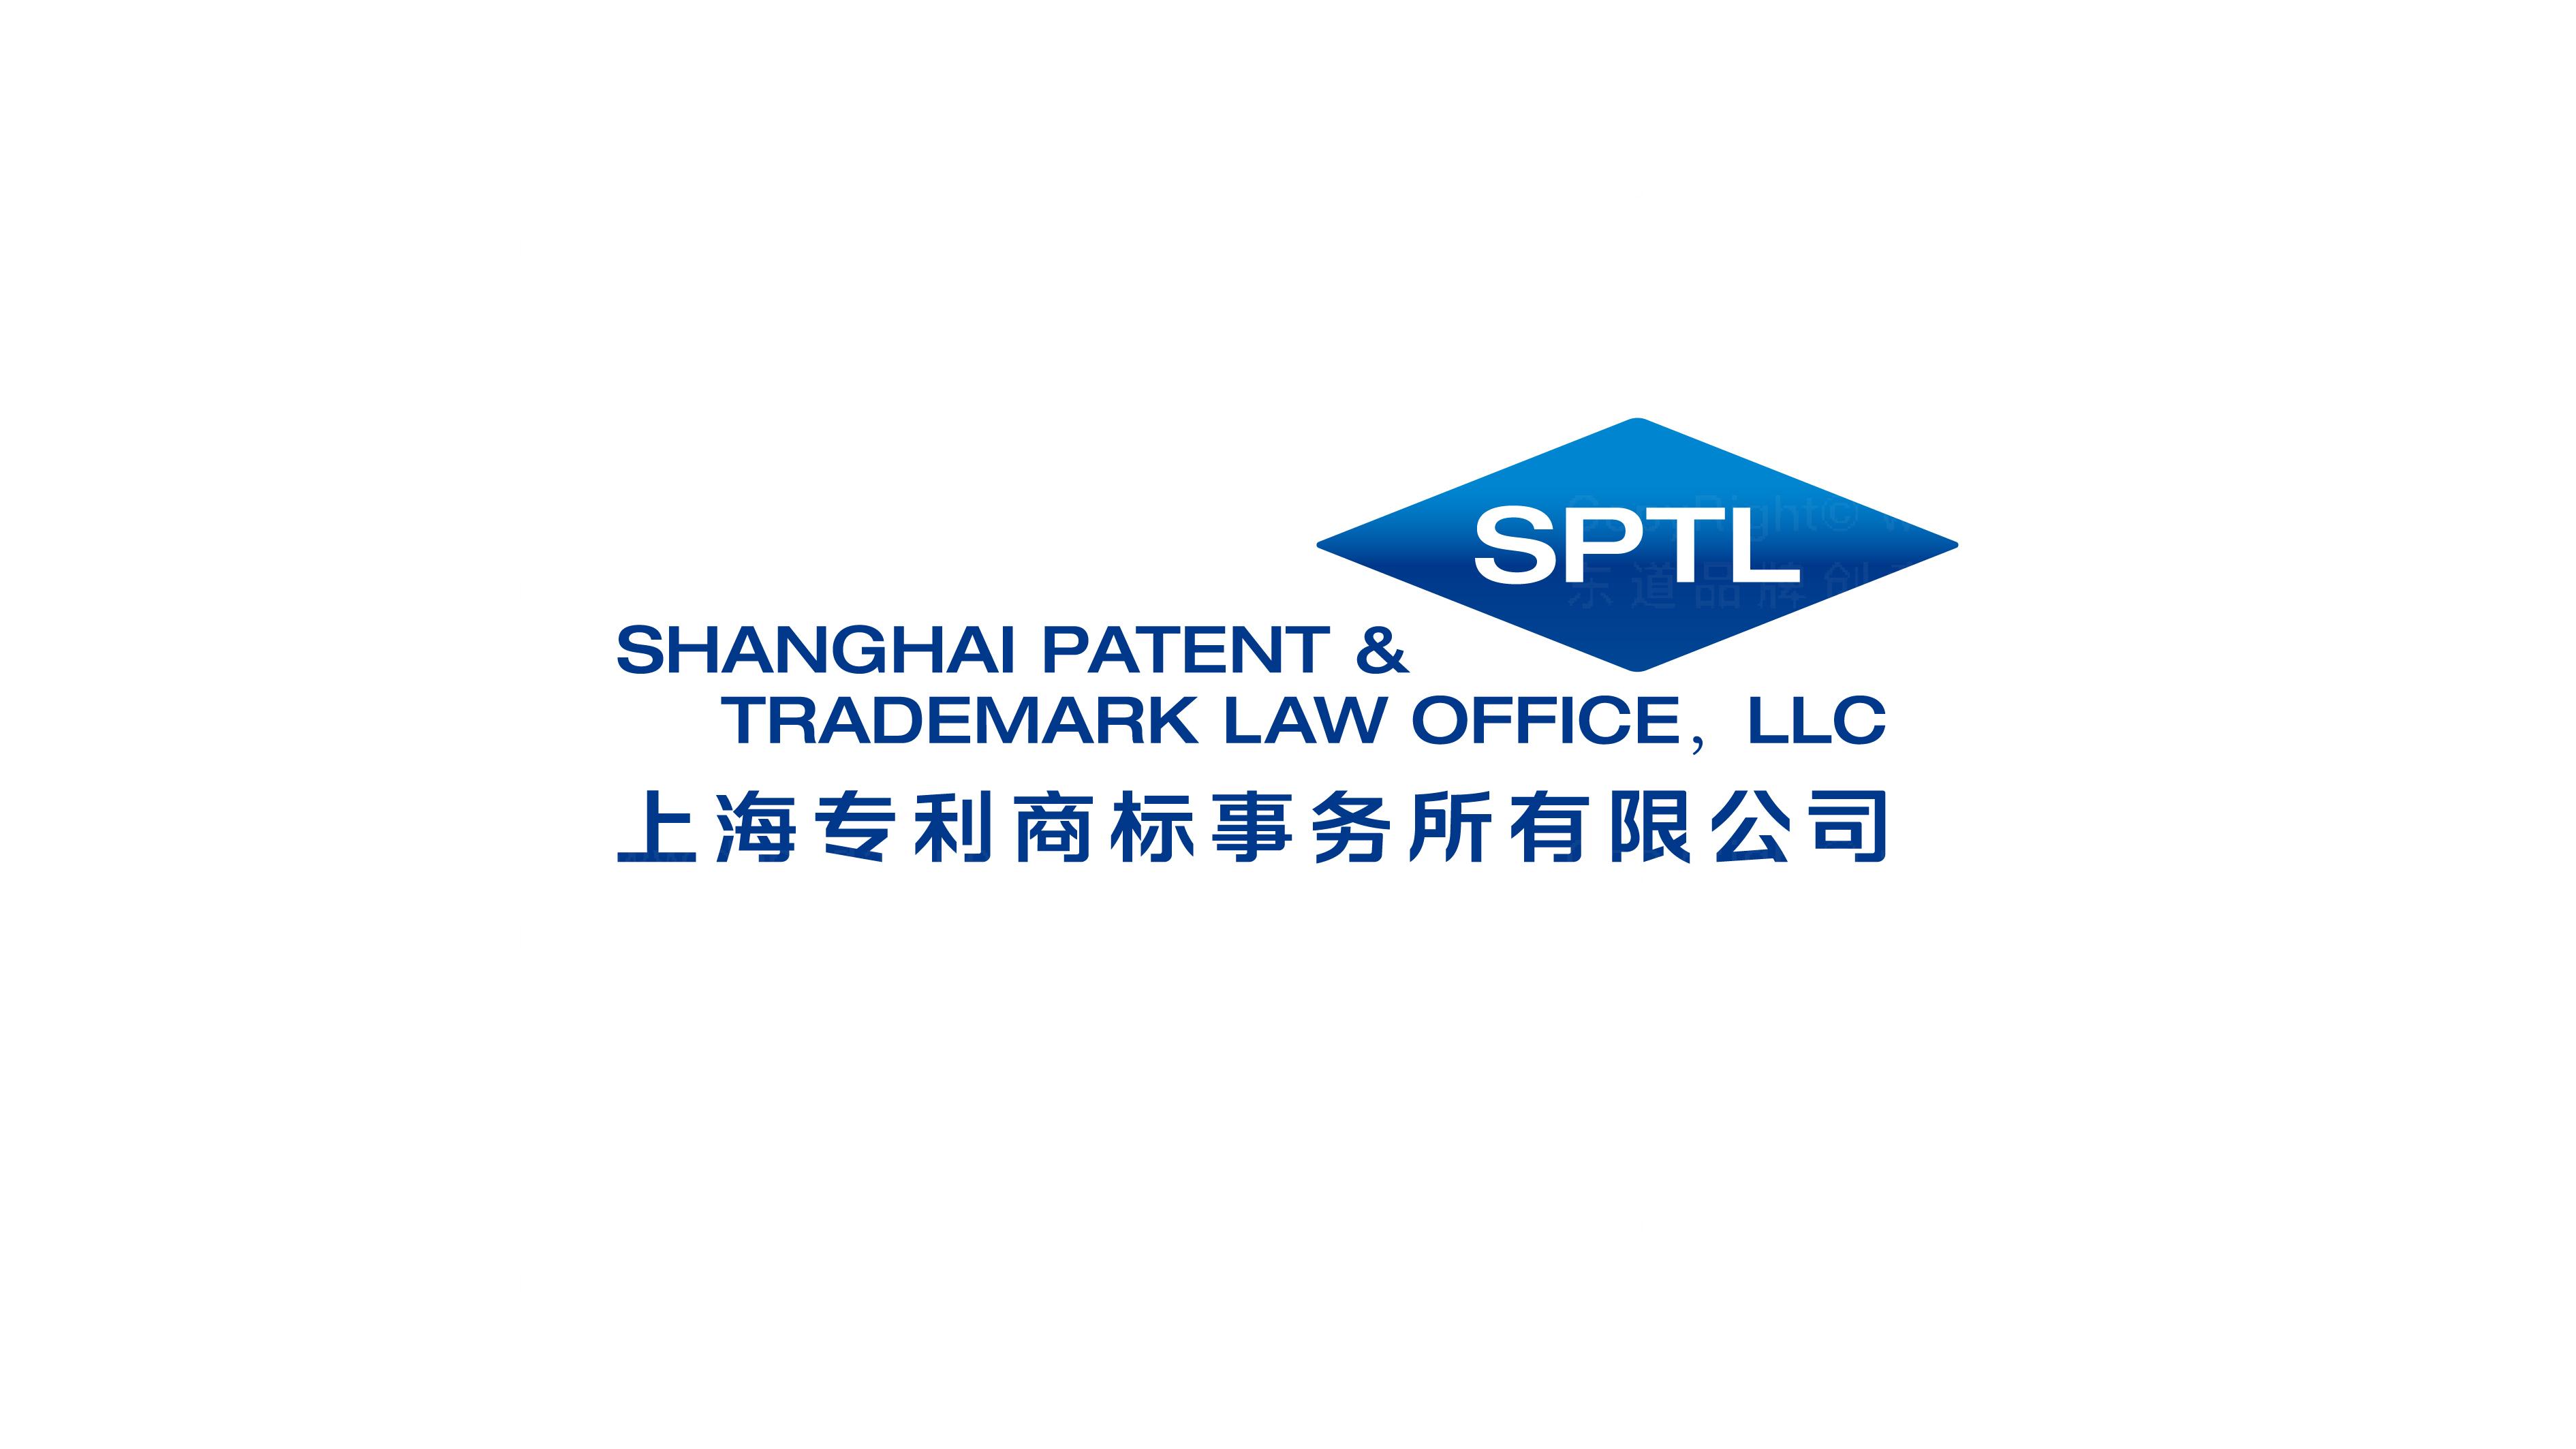 法律咨询品牌设计上海专利商标事务所有限公司标志设计